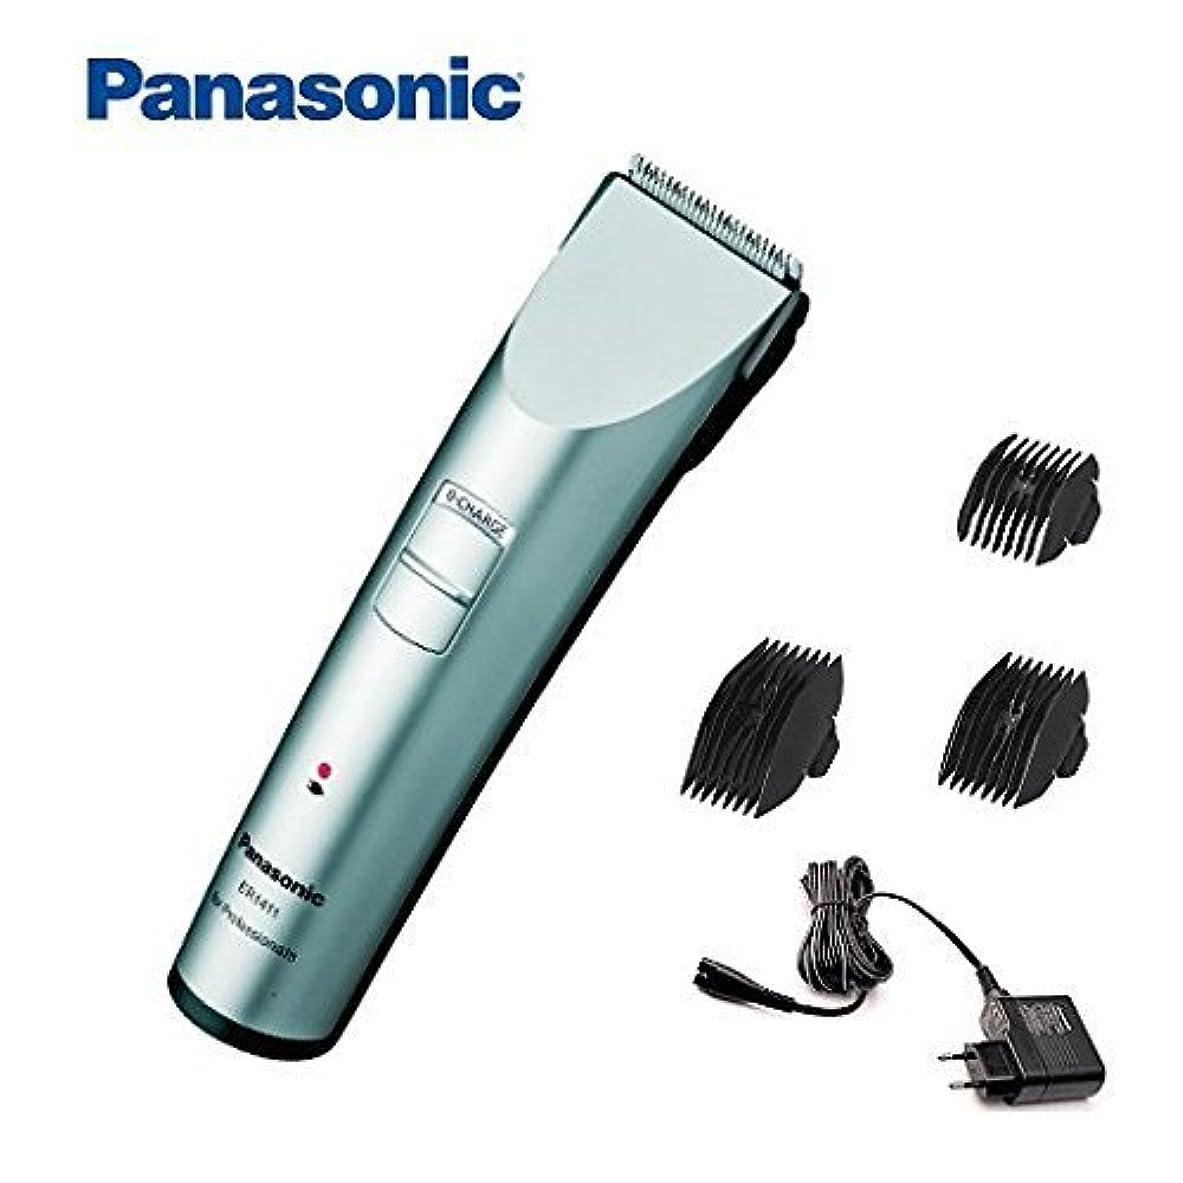 牛肉親愛な優越New Panasonic ER1411 ER-1411 ER1411s Cord/Cordless Professional Hair Clipper by Panasonic [並行輸入品]